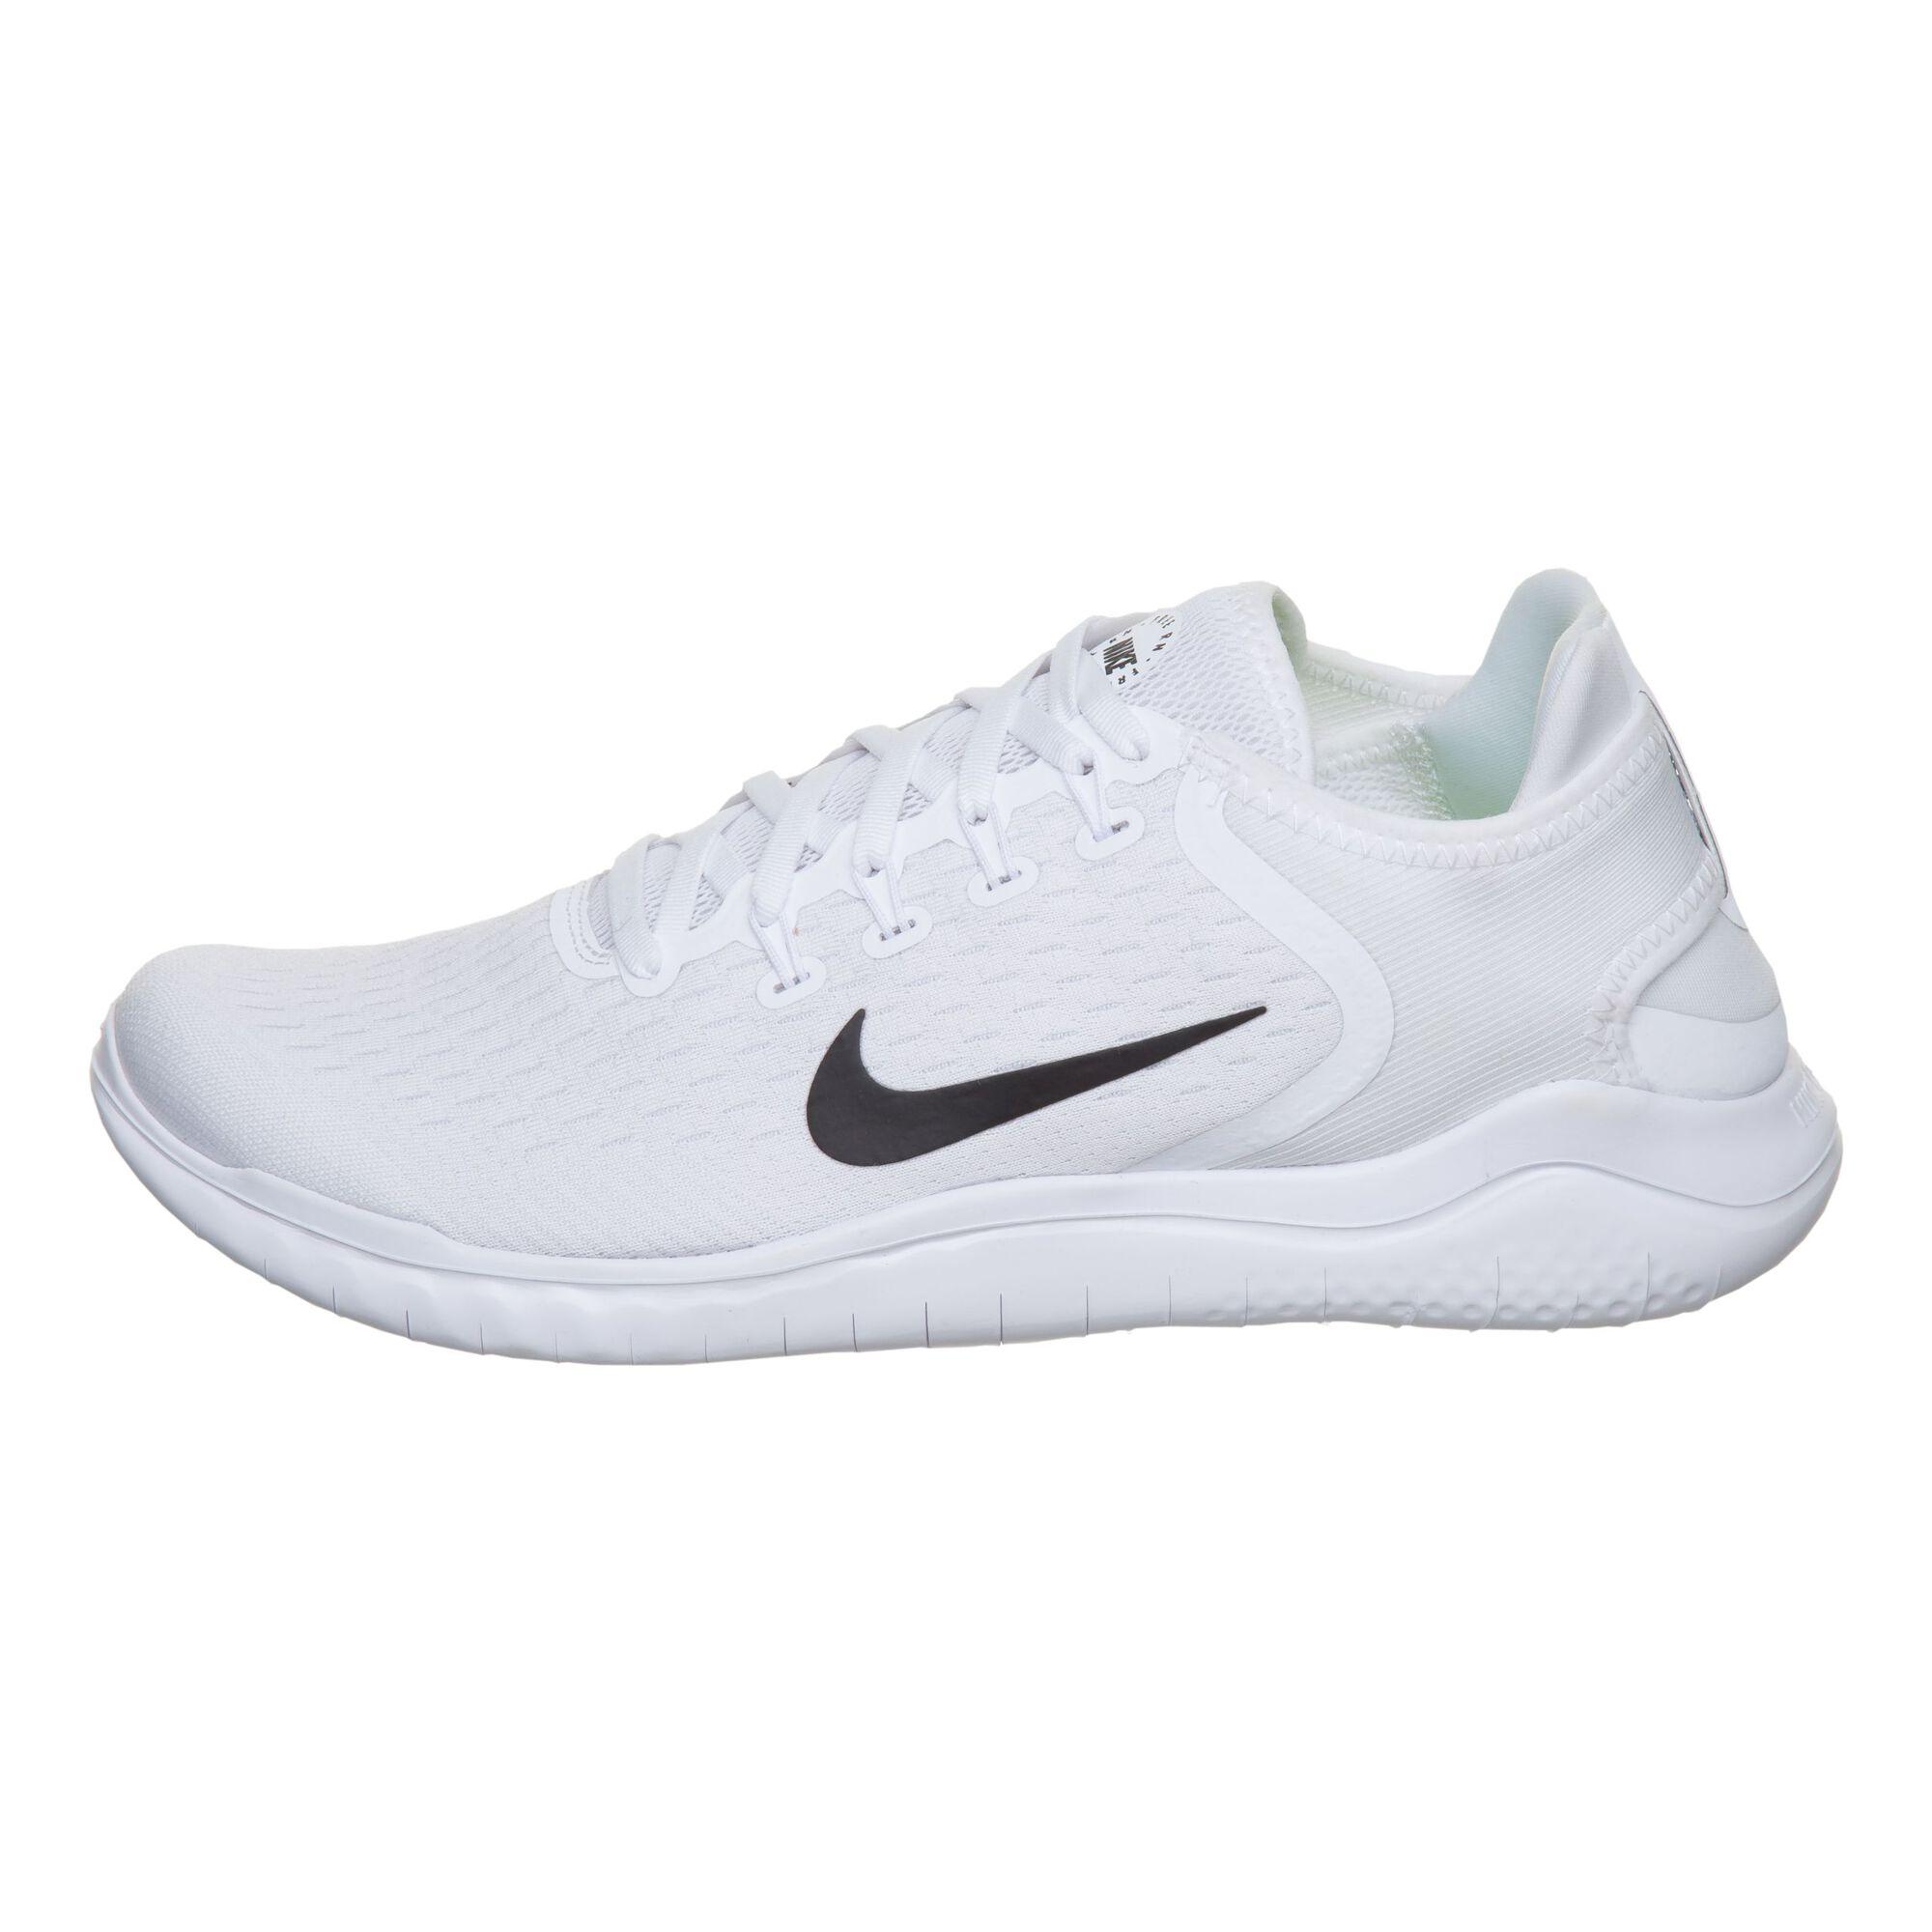 18486e5d74970 Nike Free Run 2018 Natural-Running Schuh Herren - Weiß